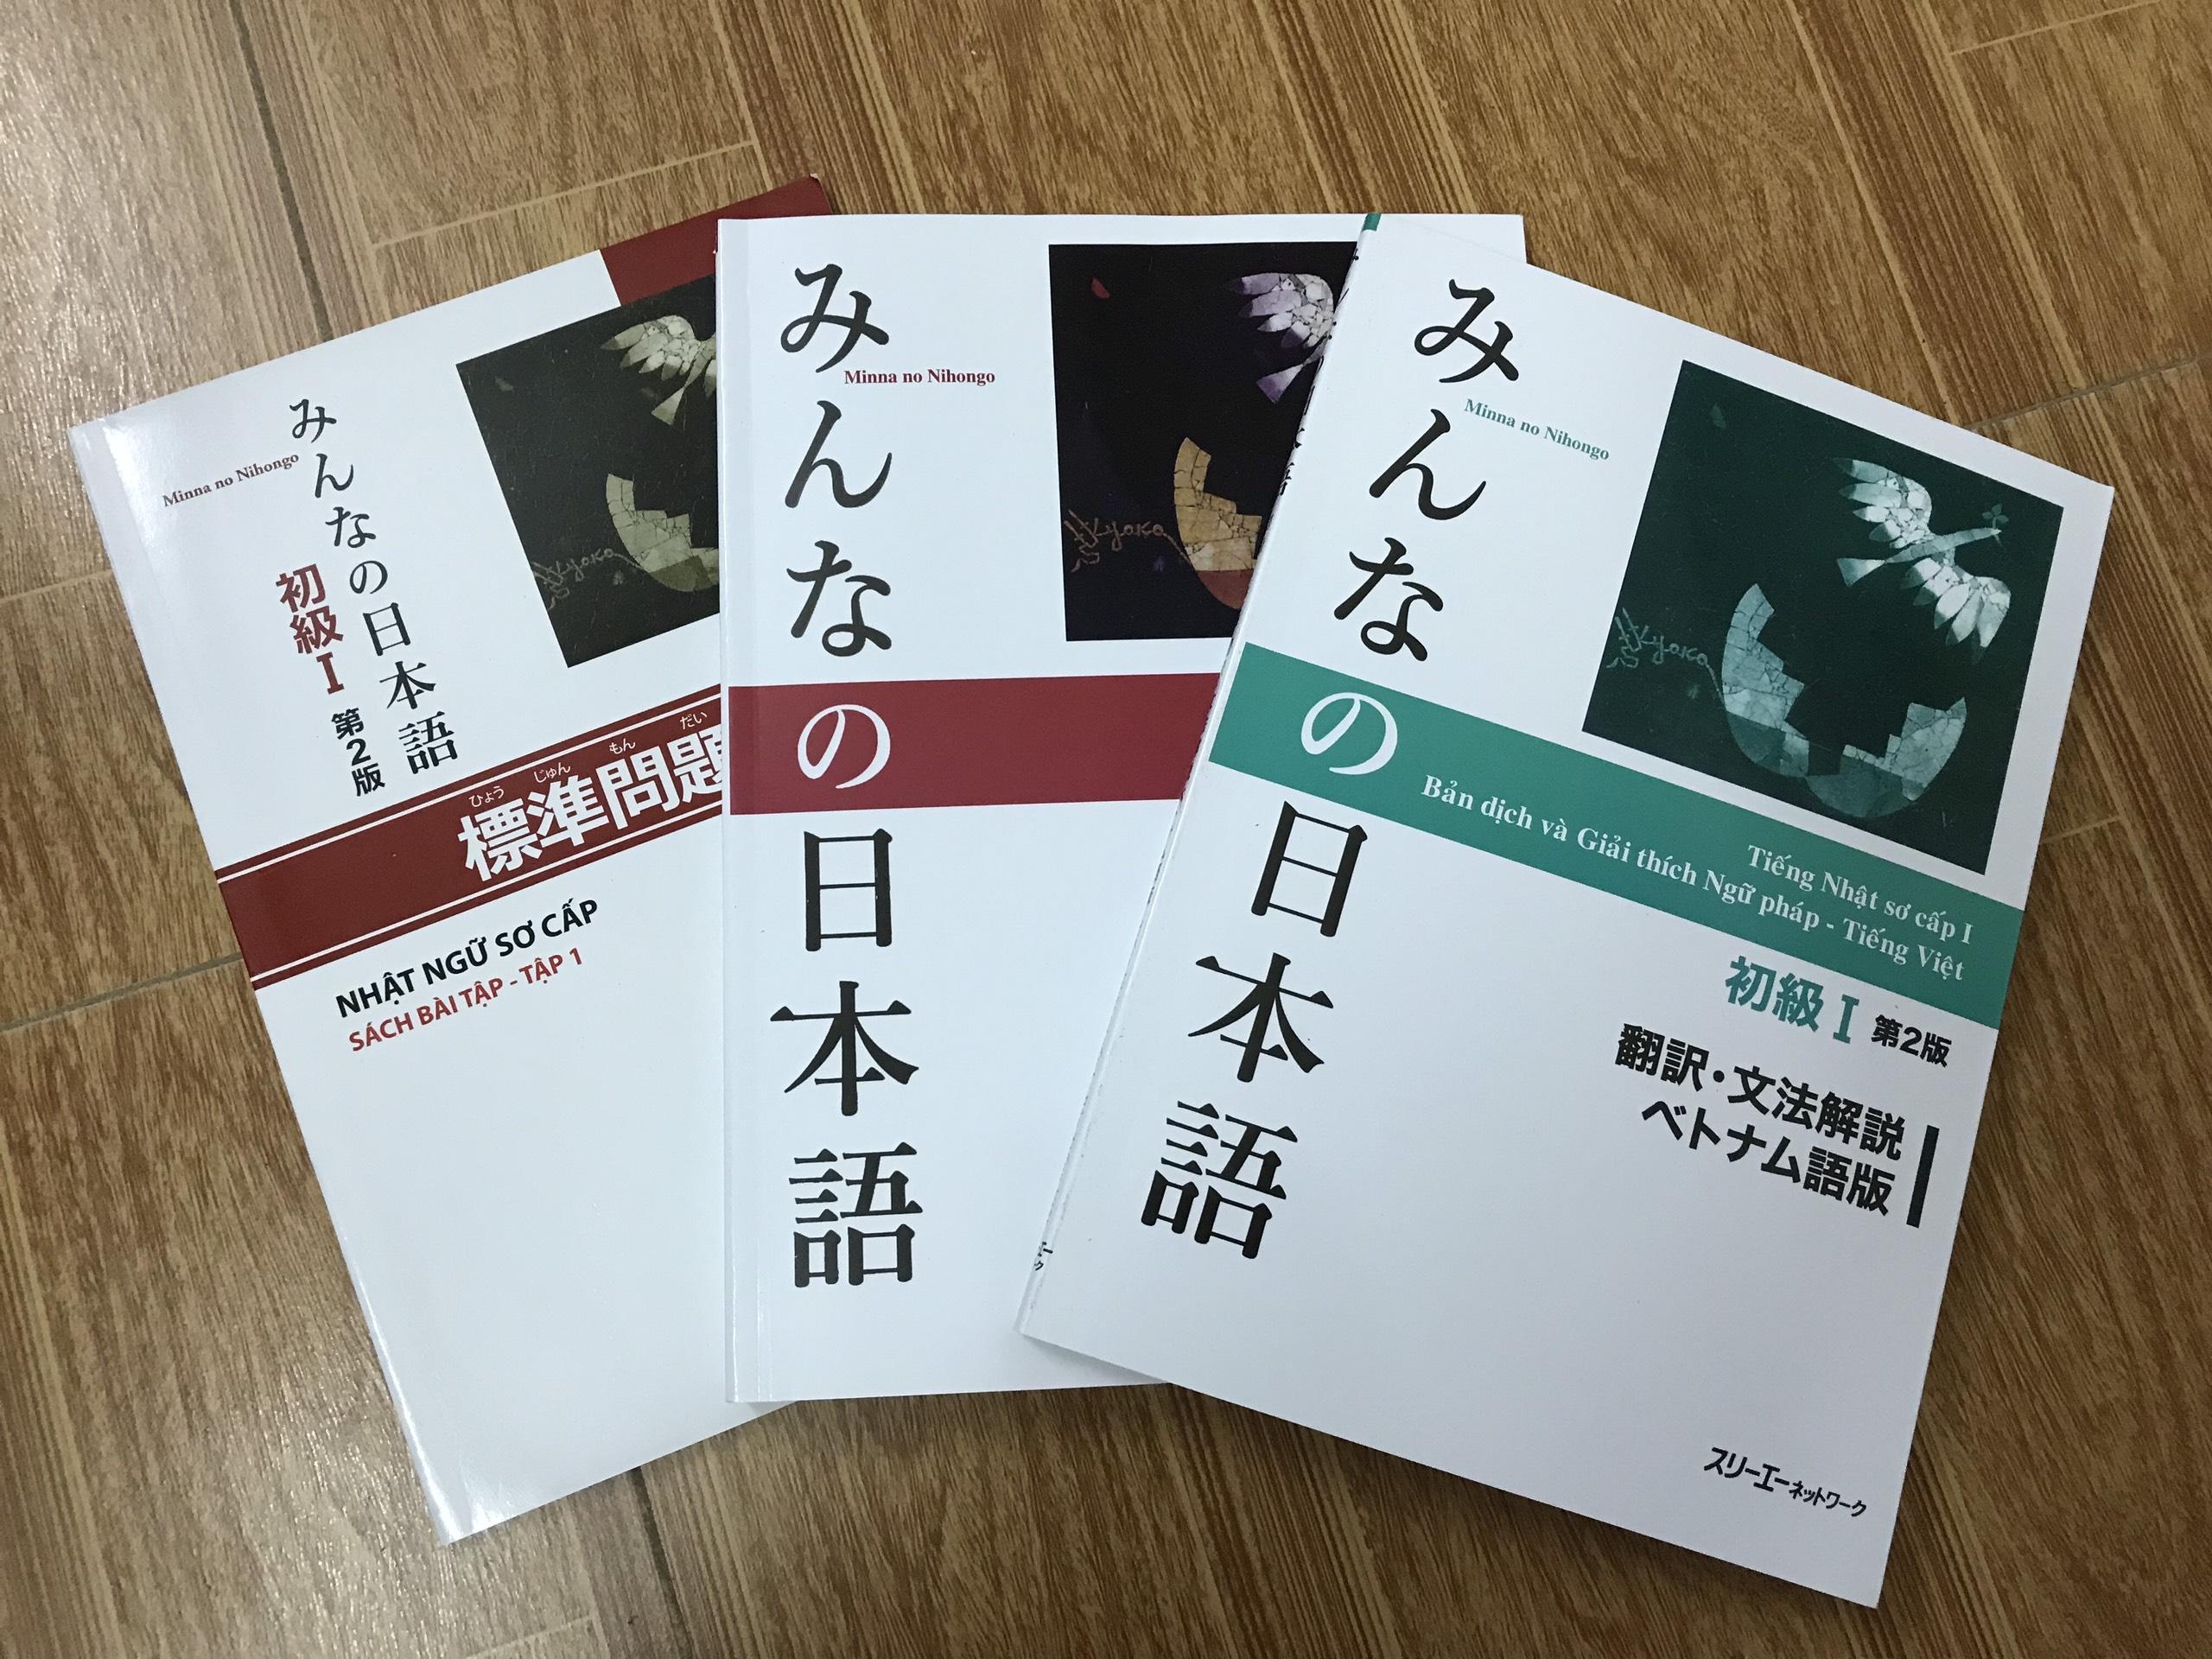 Combo Minna No Nihongo Sơ Cấp 1 Bản Mới (3 Cuốn) Giảm Cực Đã